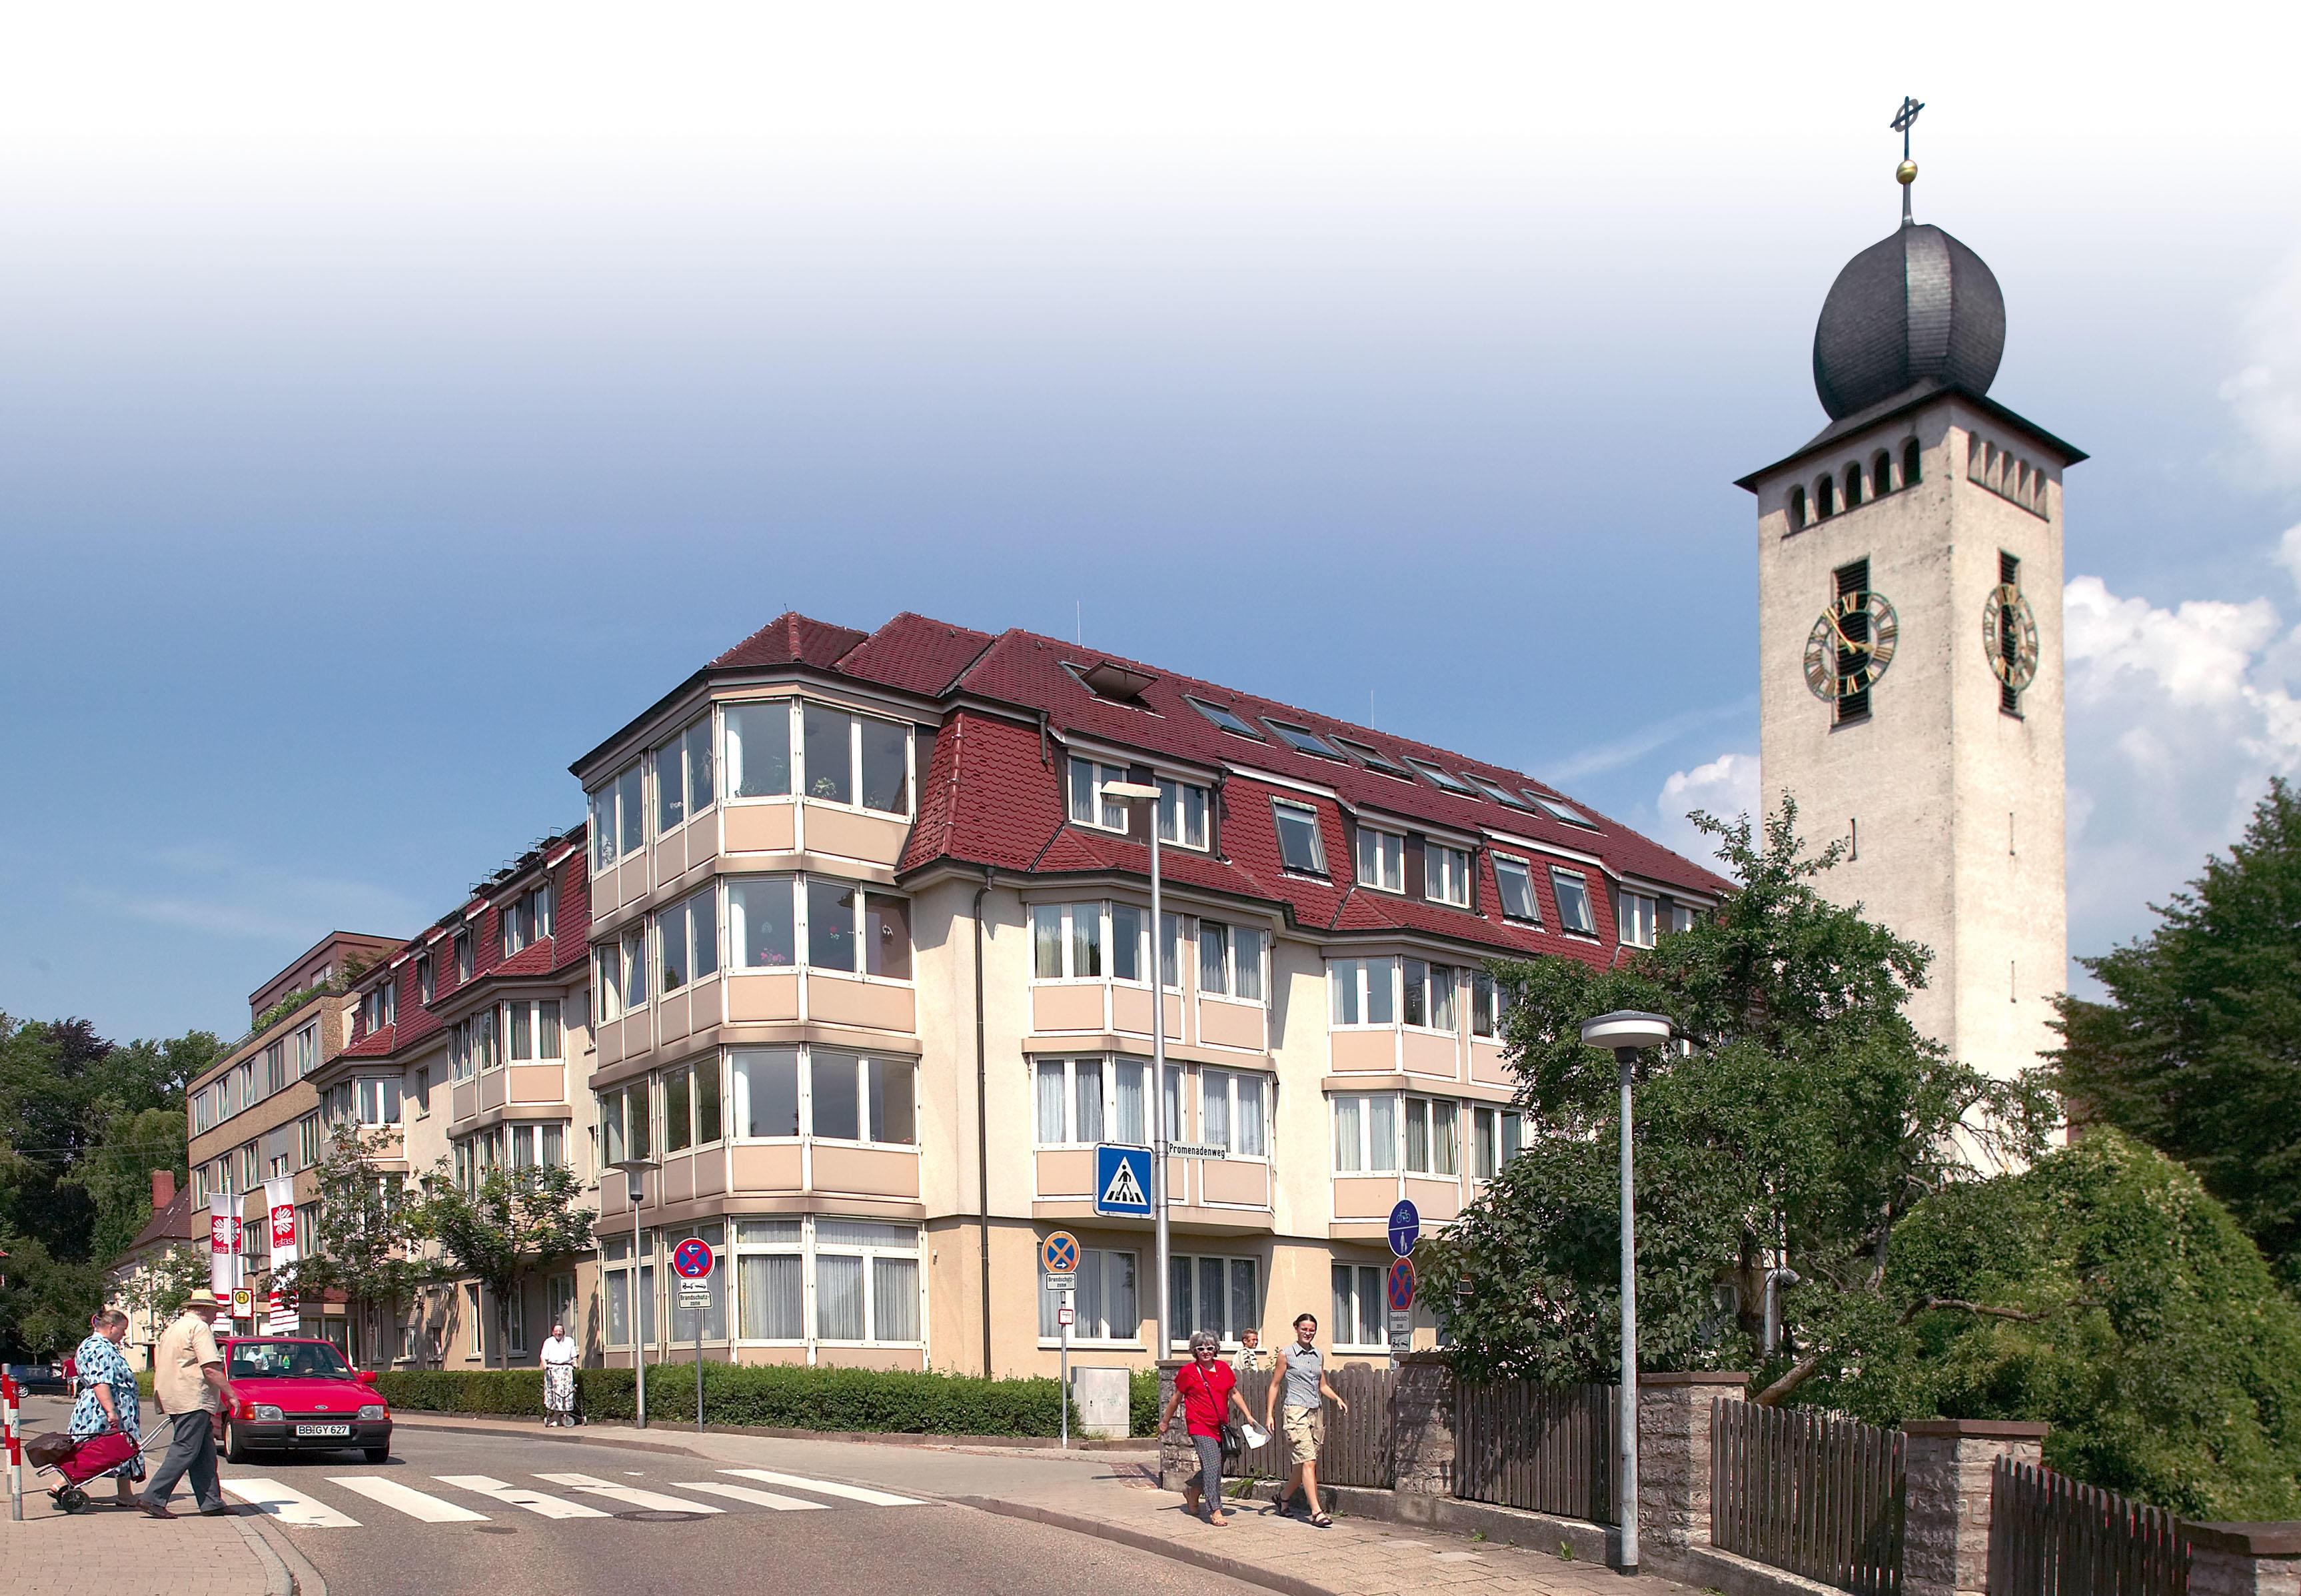 Altenhilfezentrum St. Laurentius